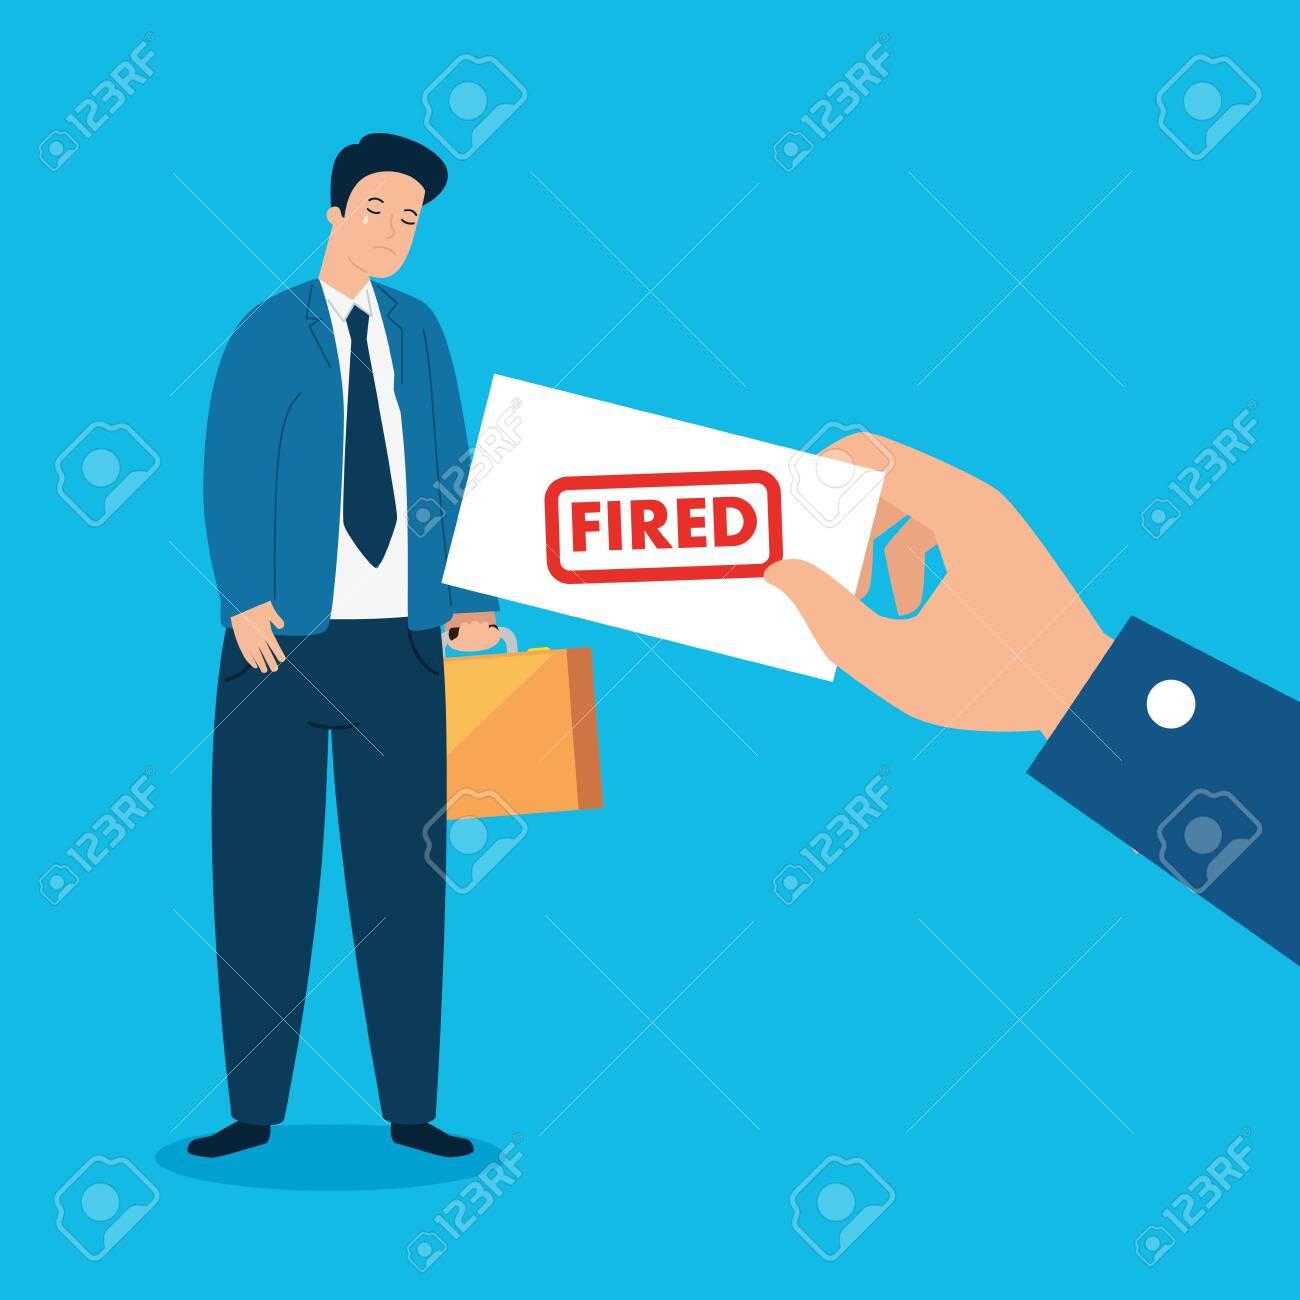 businessman sad fired of work vector illustration design - 144873382